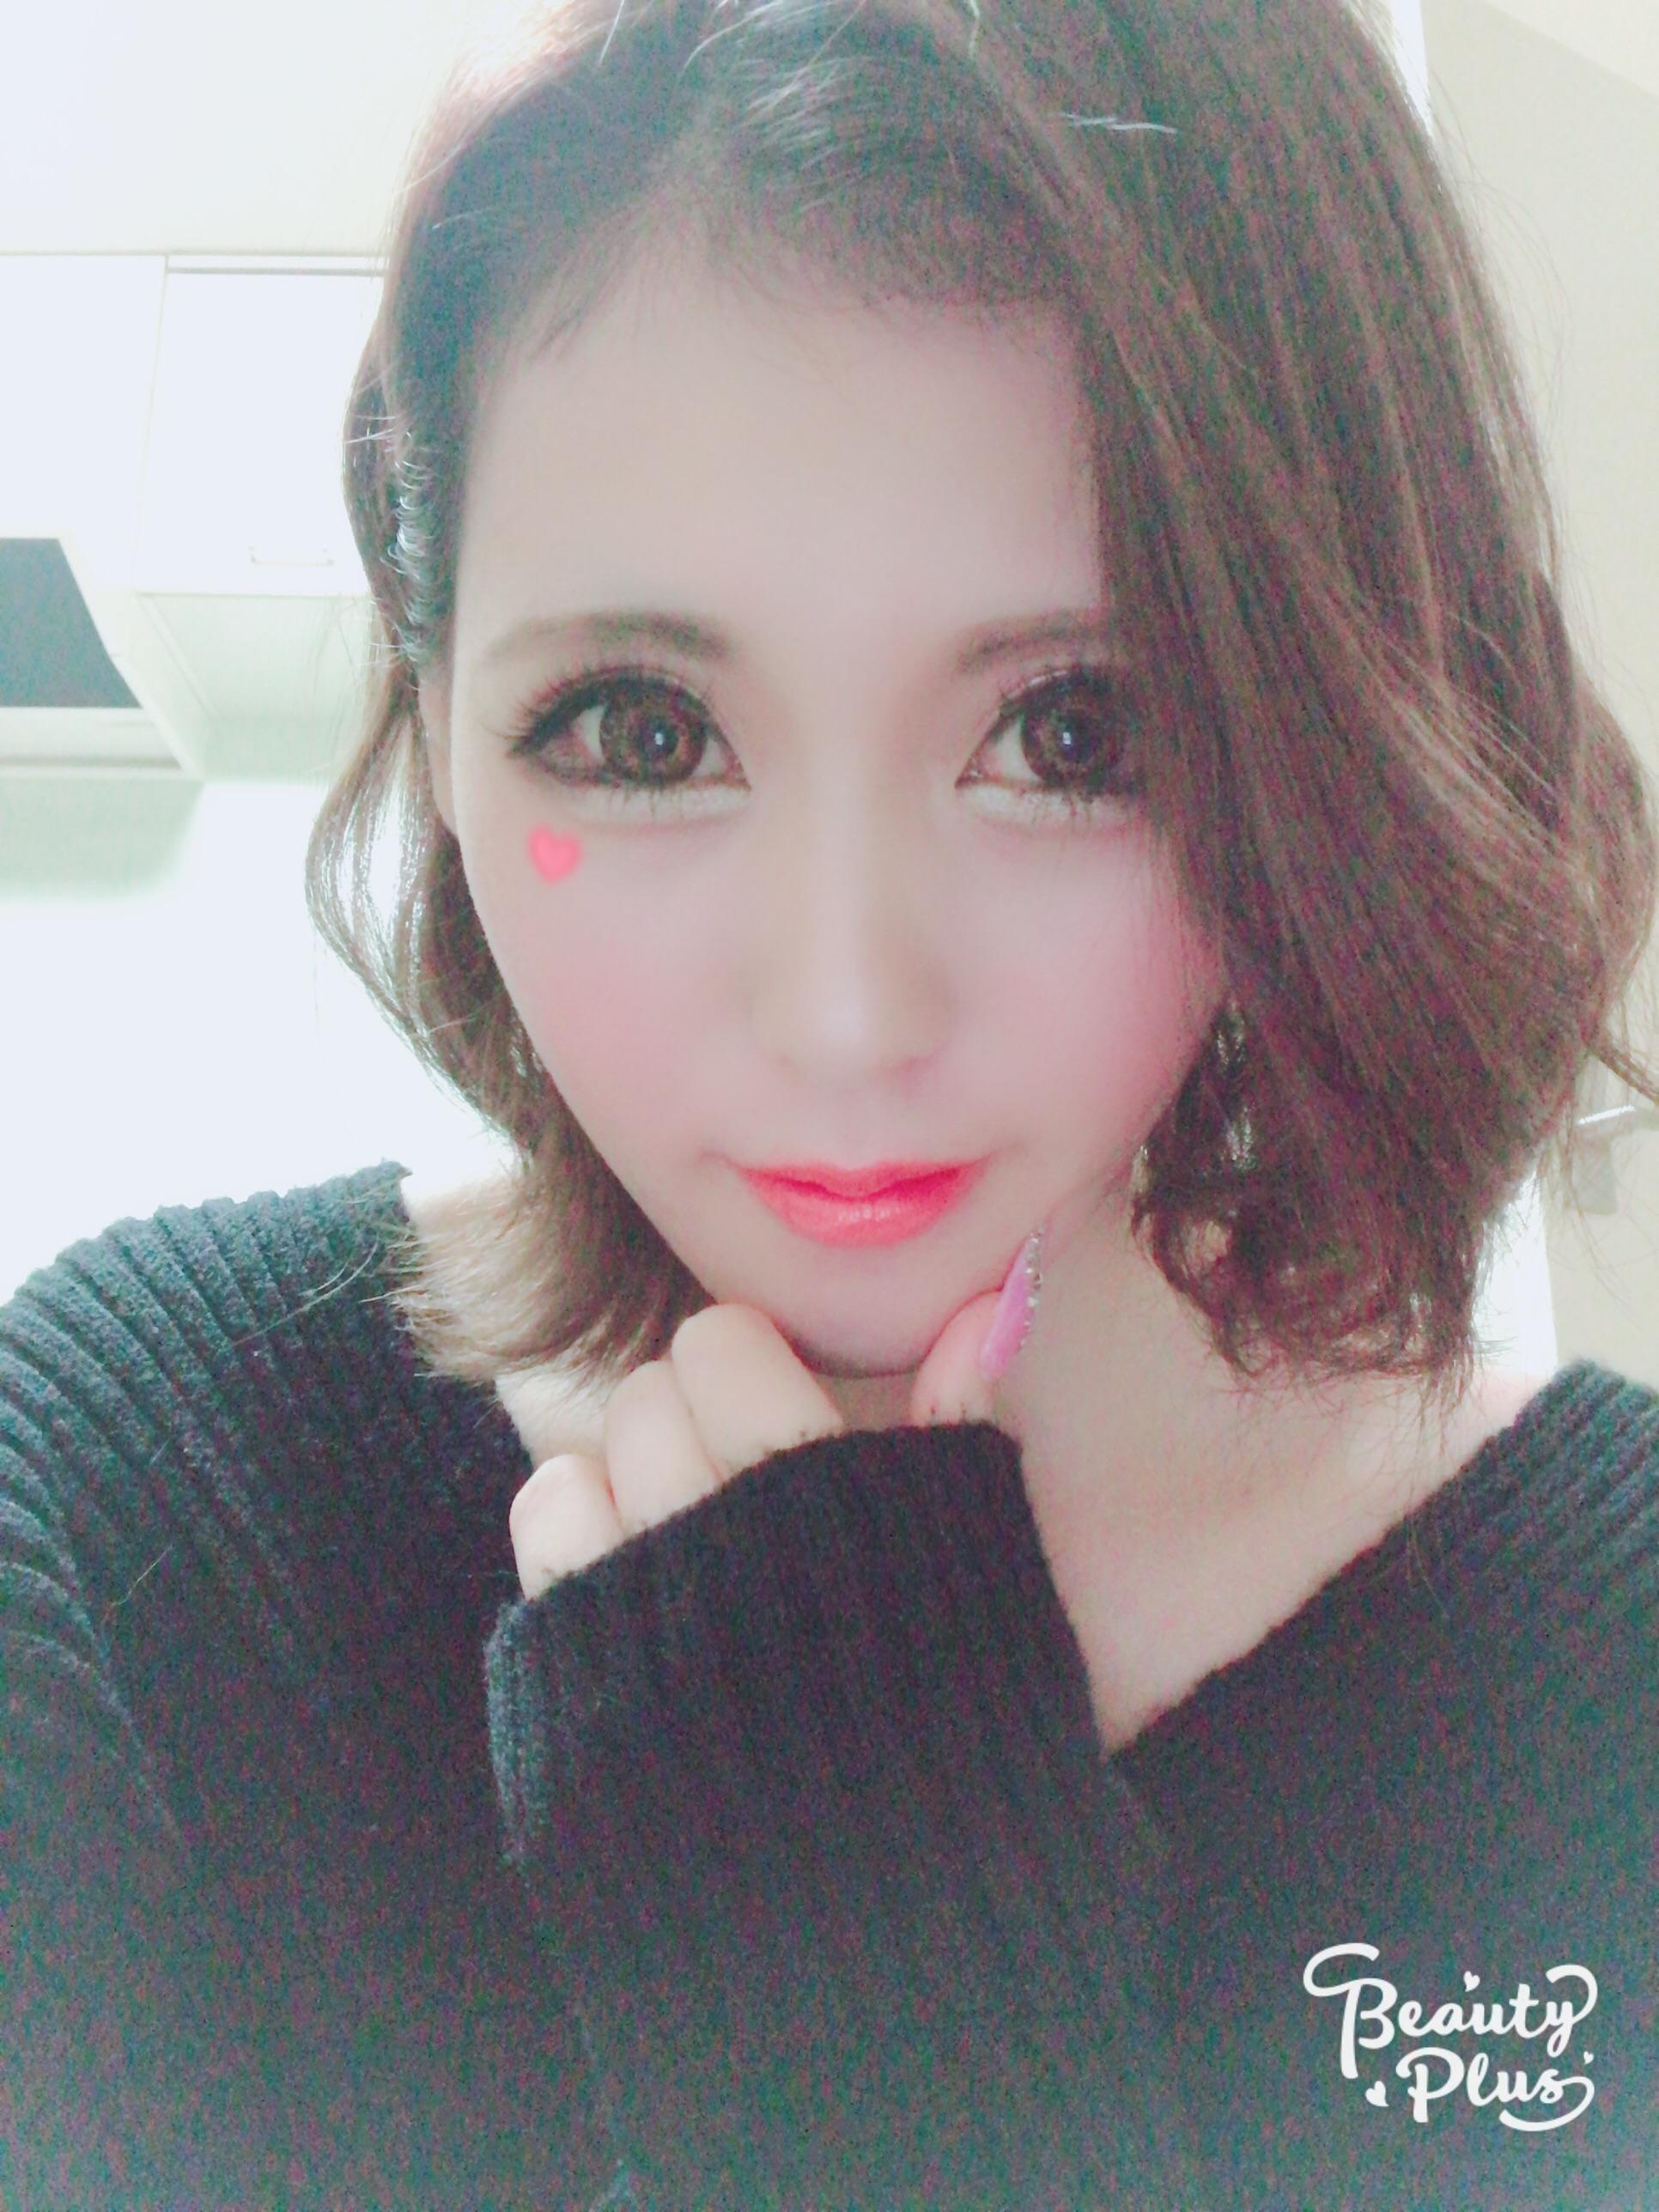 「おはよう」12/12(12/12) 12:37 | うららの写メ・風俗動画